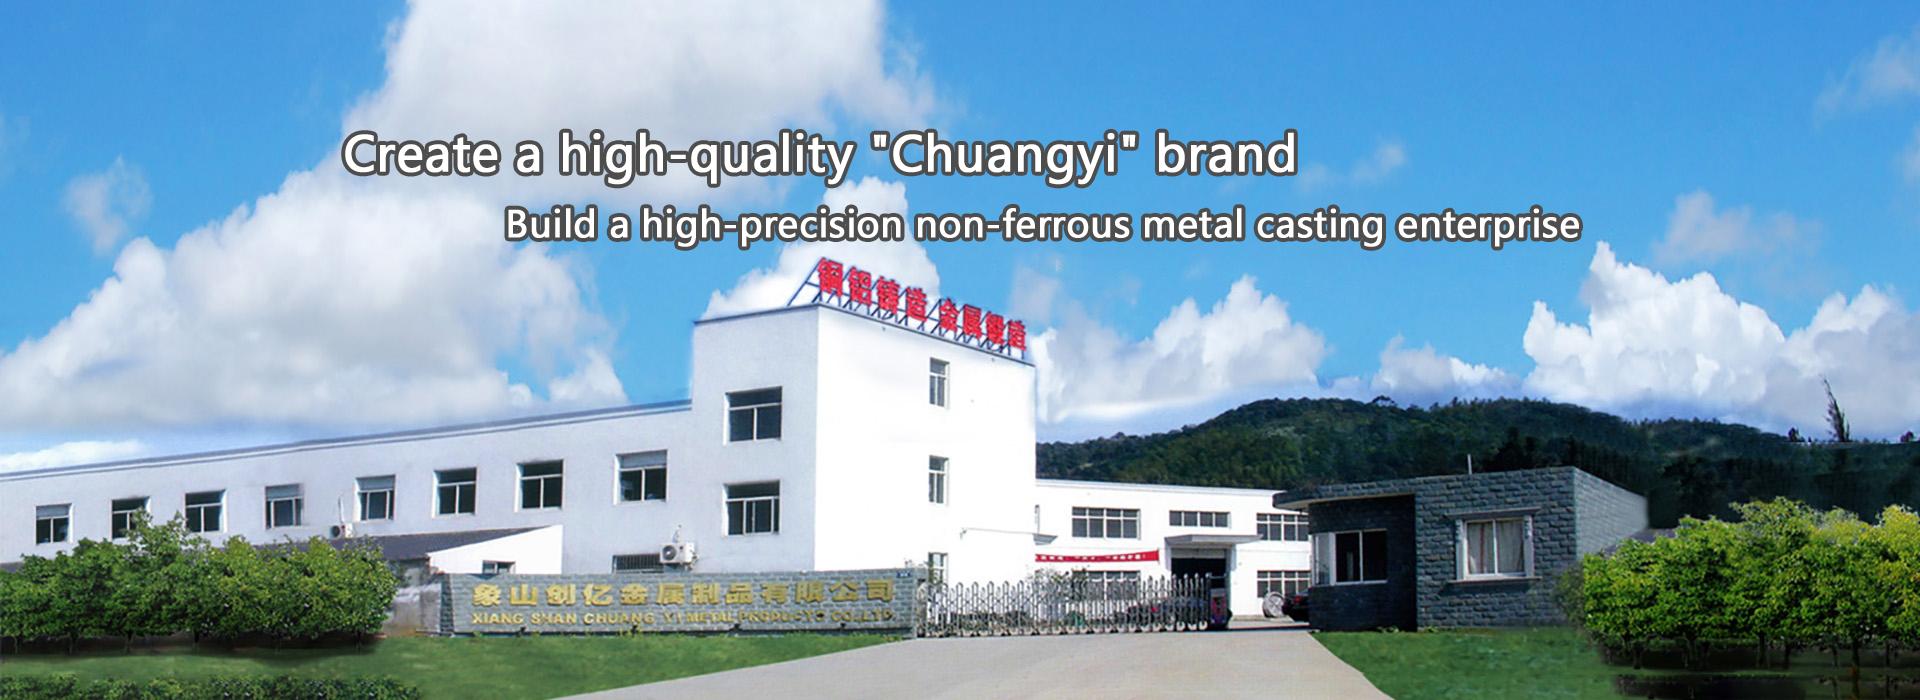 Aluminum alloy casting under low pressure